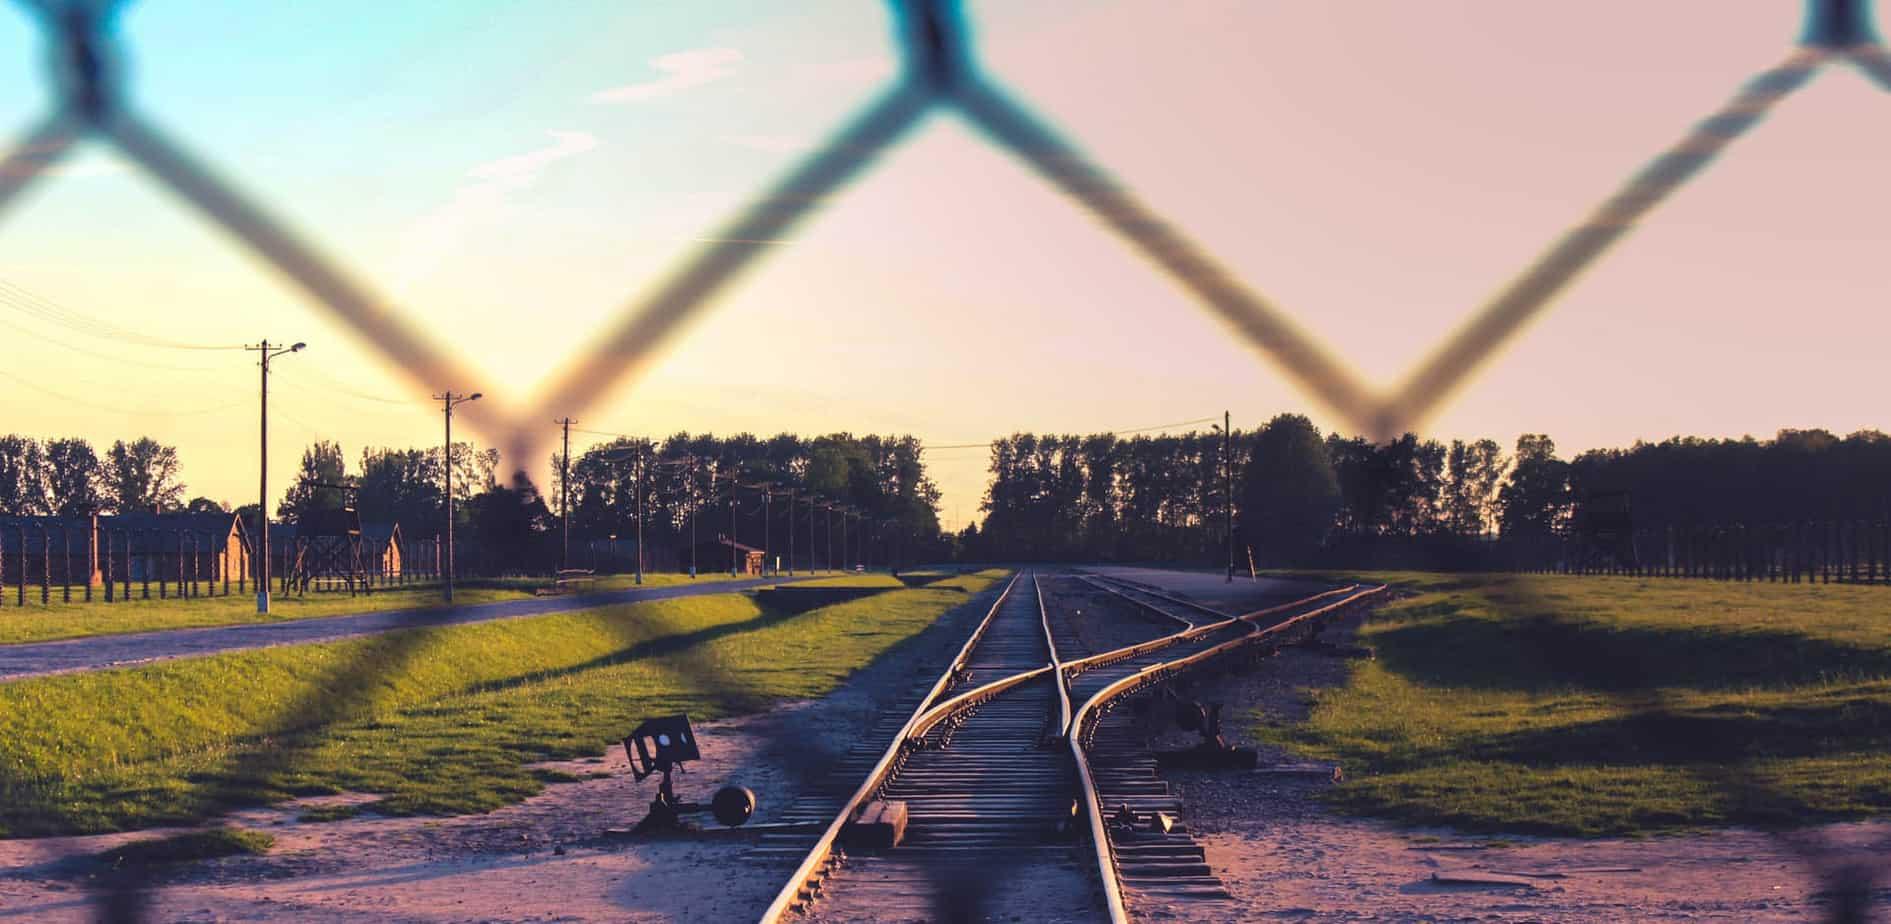 שני צידיה של הגלובליזציה של זיכרון השואה